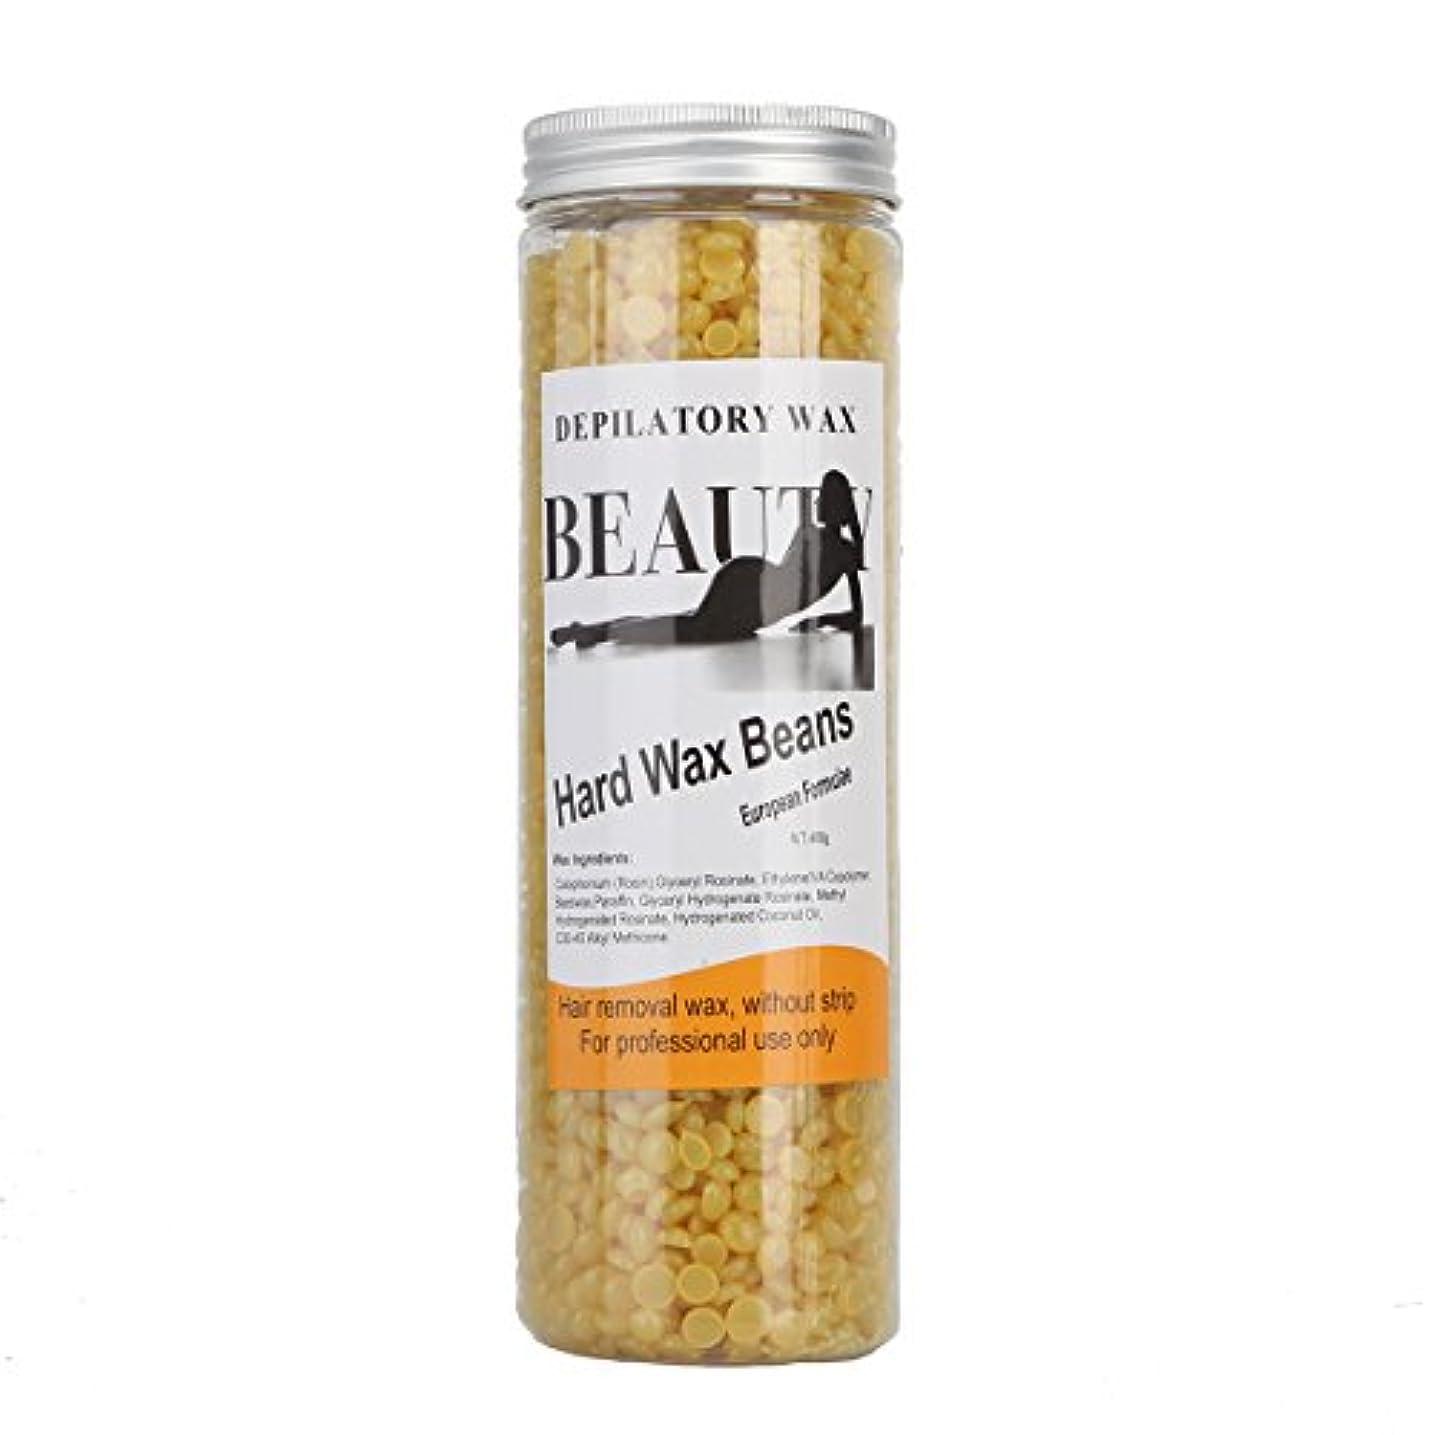 安価な批判遺伝子(アーニェメイ)Bonjanvye ワックス脱毛 スパチュラ 2本 ブラジリアンワックス 粒 400g 1缶 ワックス脱毛セット-ハチミツ